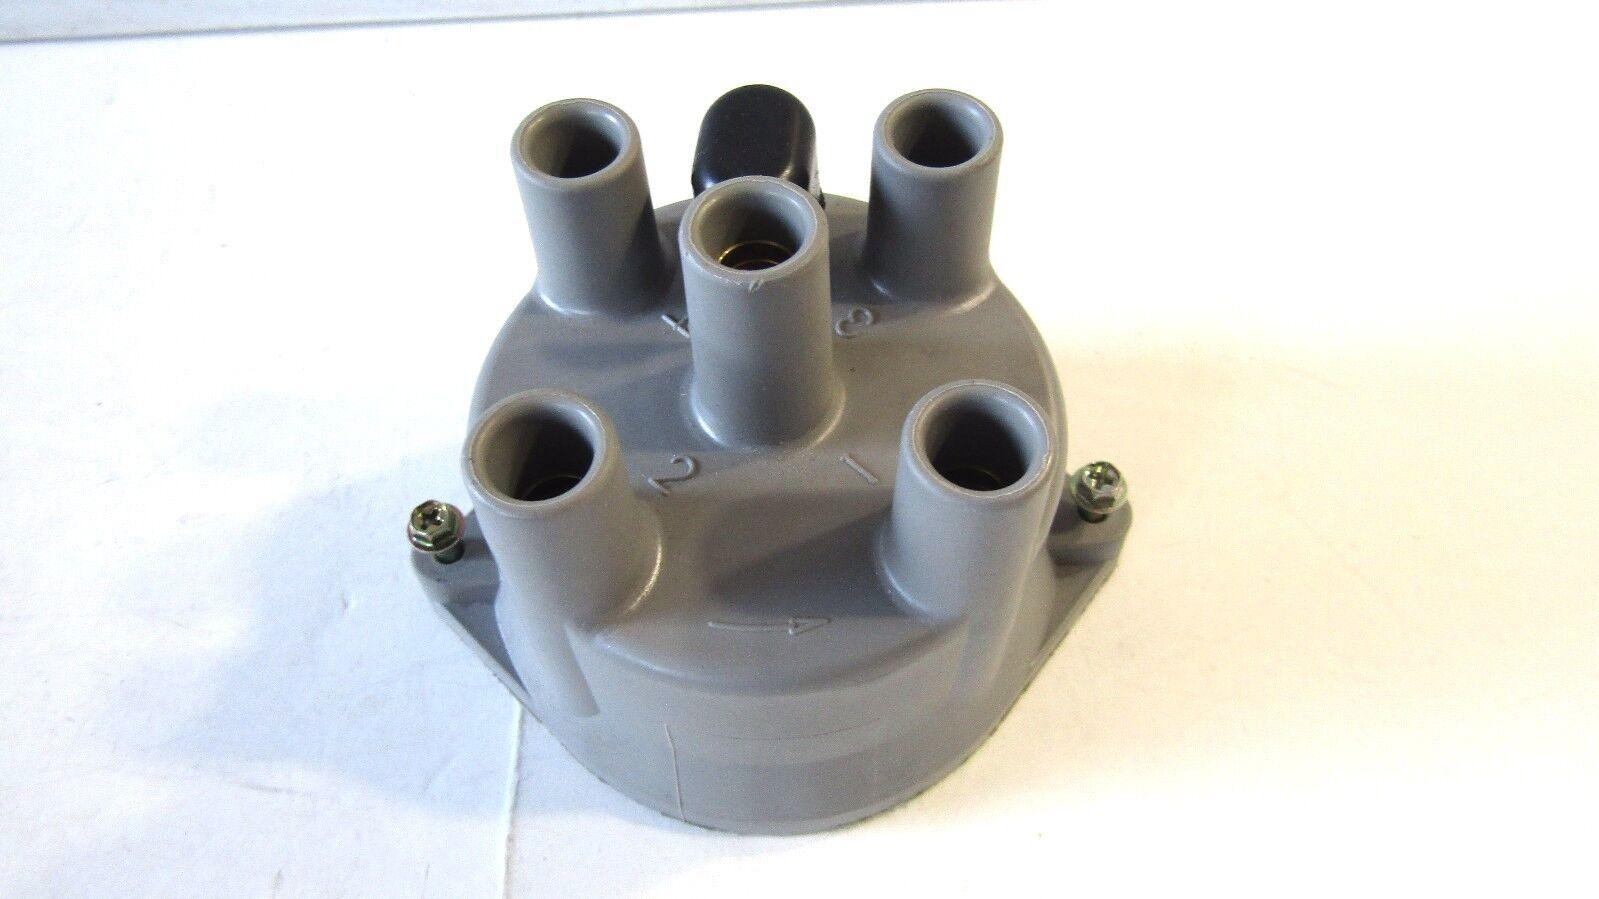 Distributor Cap Standard JH-269T fits 95-96 Nissan Pickup 2.4L-L4